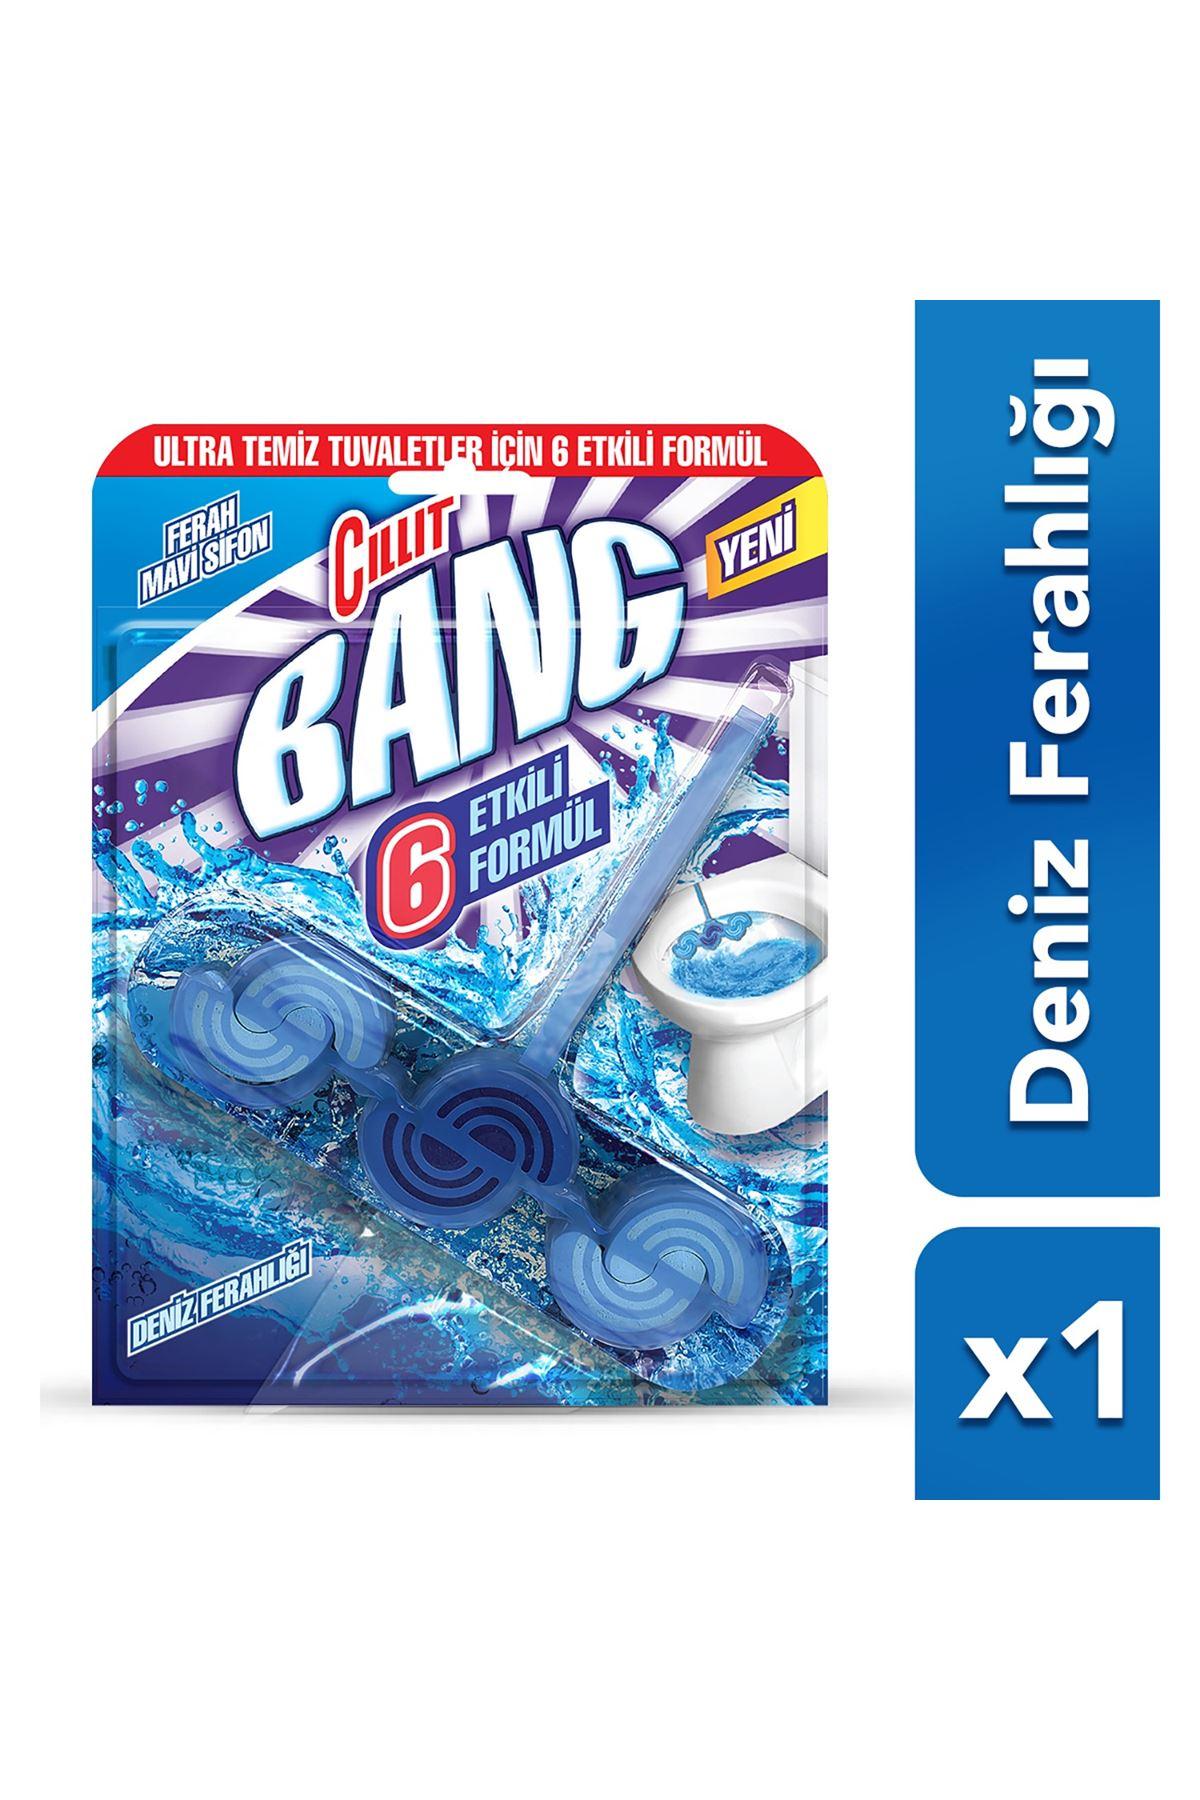 Cillit Bang Tuvalet Temizleyici Premium Tablet Mavi Tekli ( Deniz Ferahlığı)